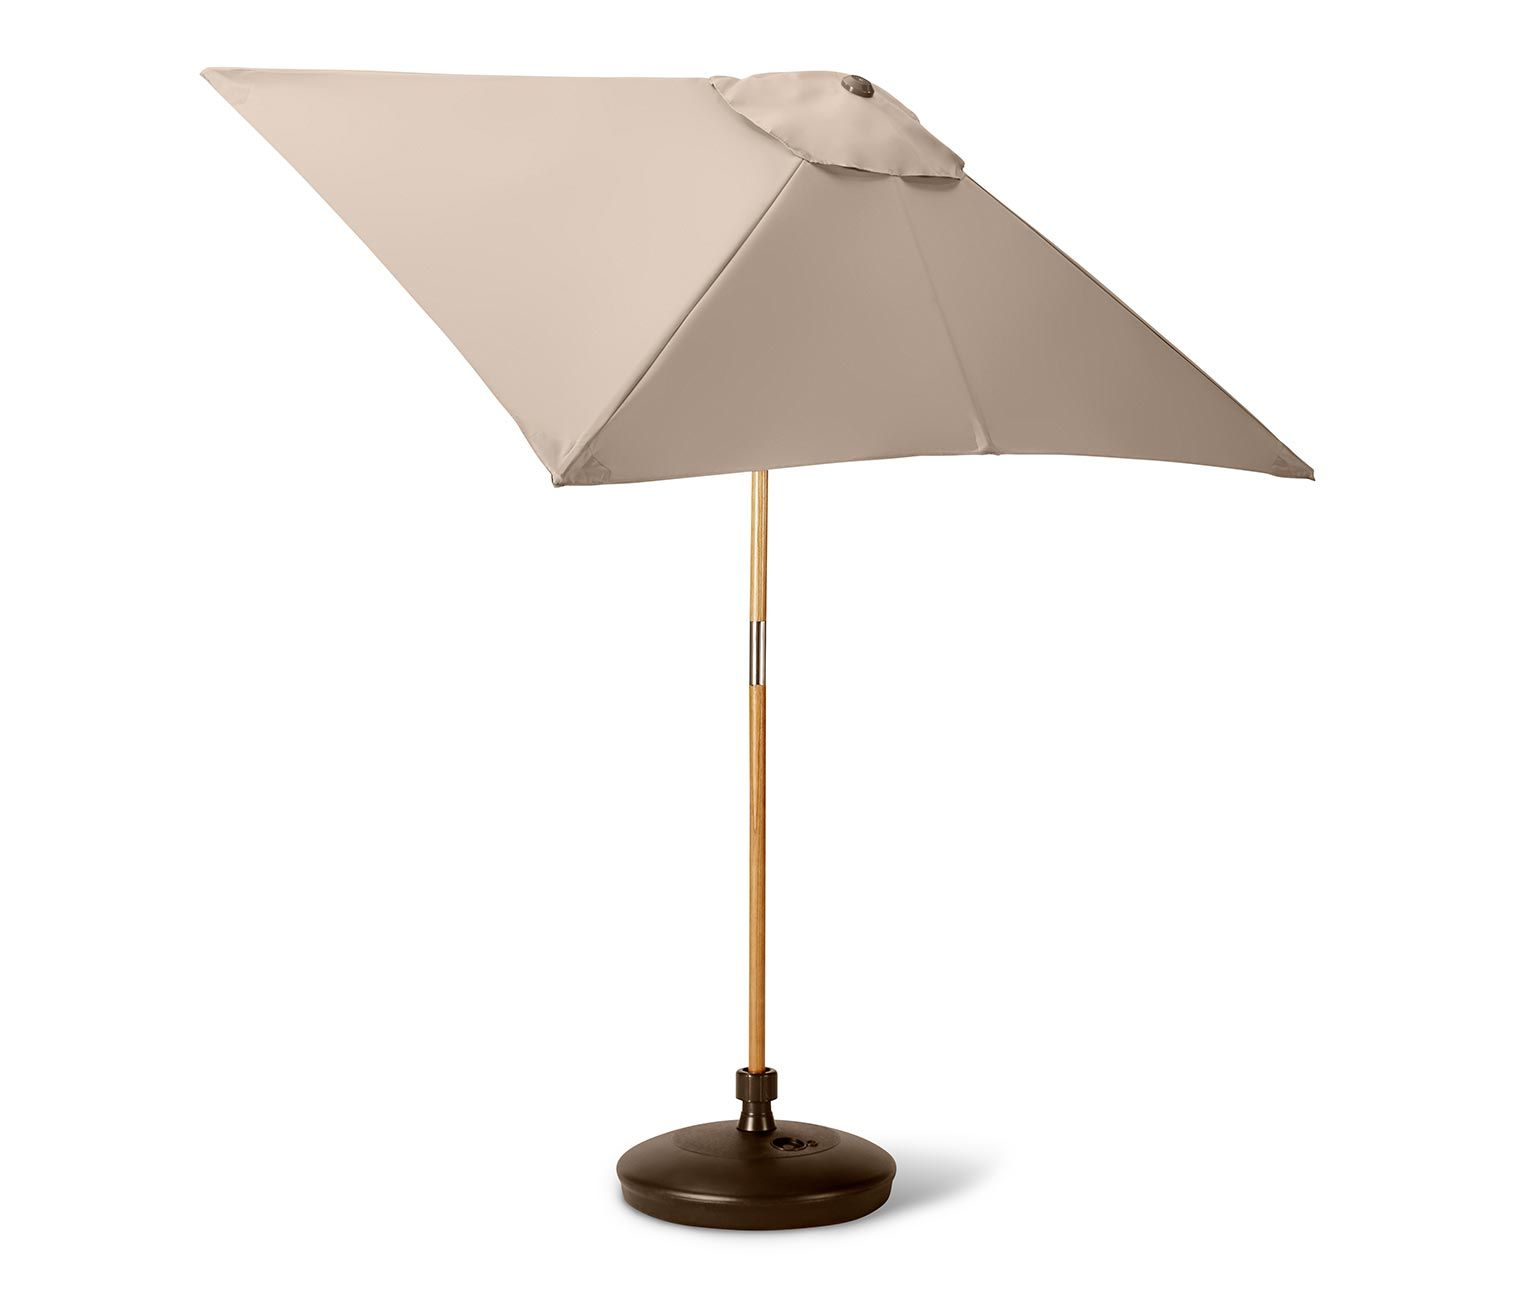 69 95 € Rechteckiger Schirm für Balkon Terrasse und Garten Sonnenschirme sind nicht nur